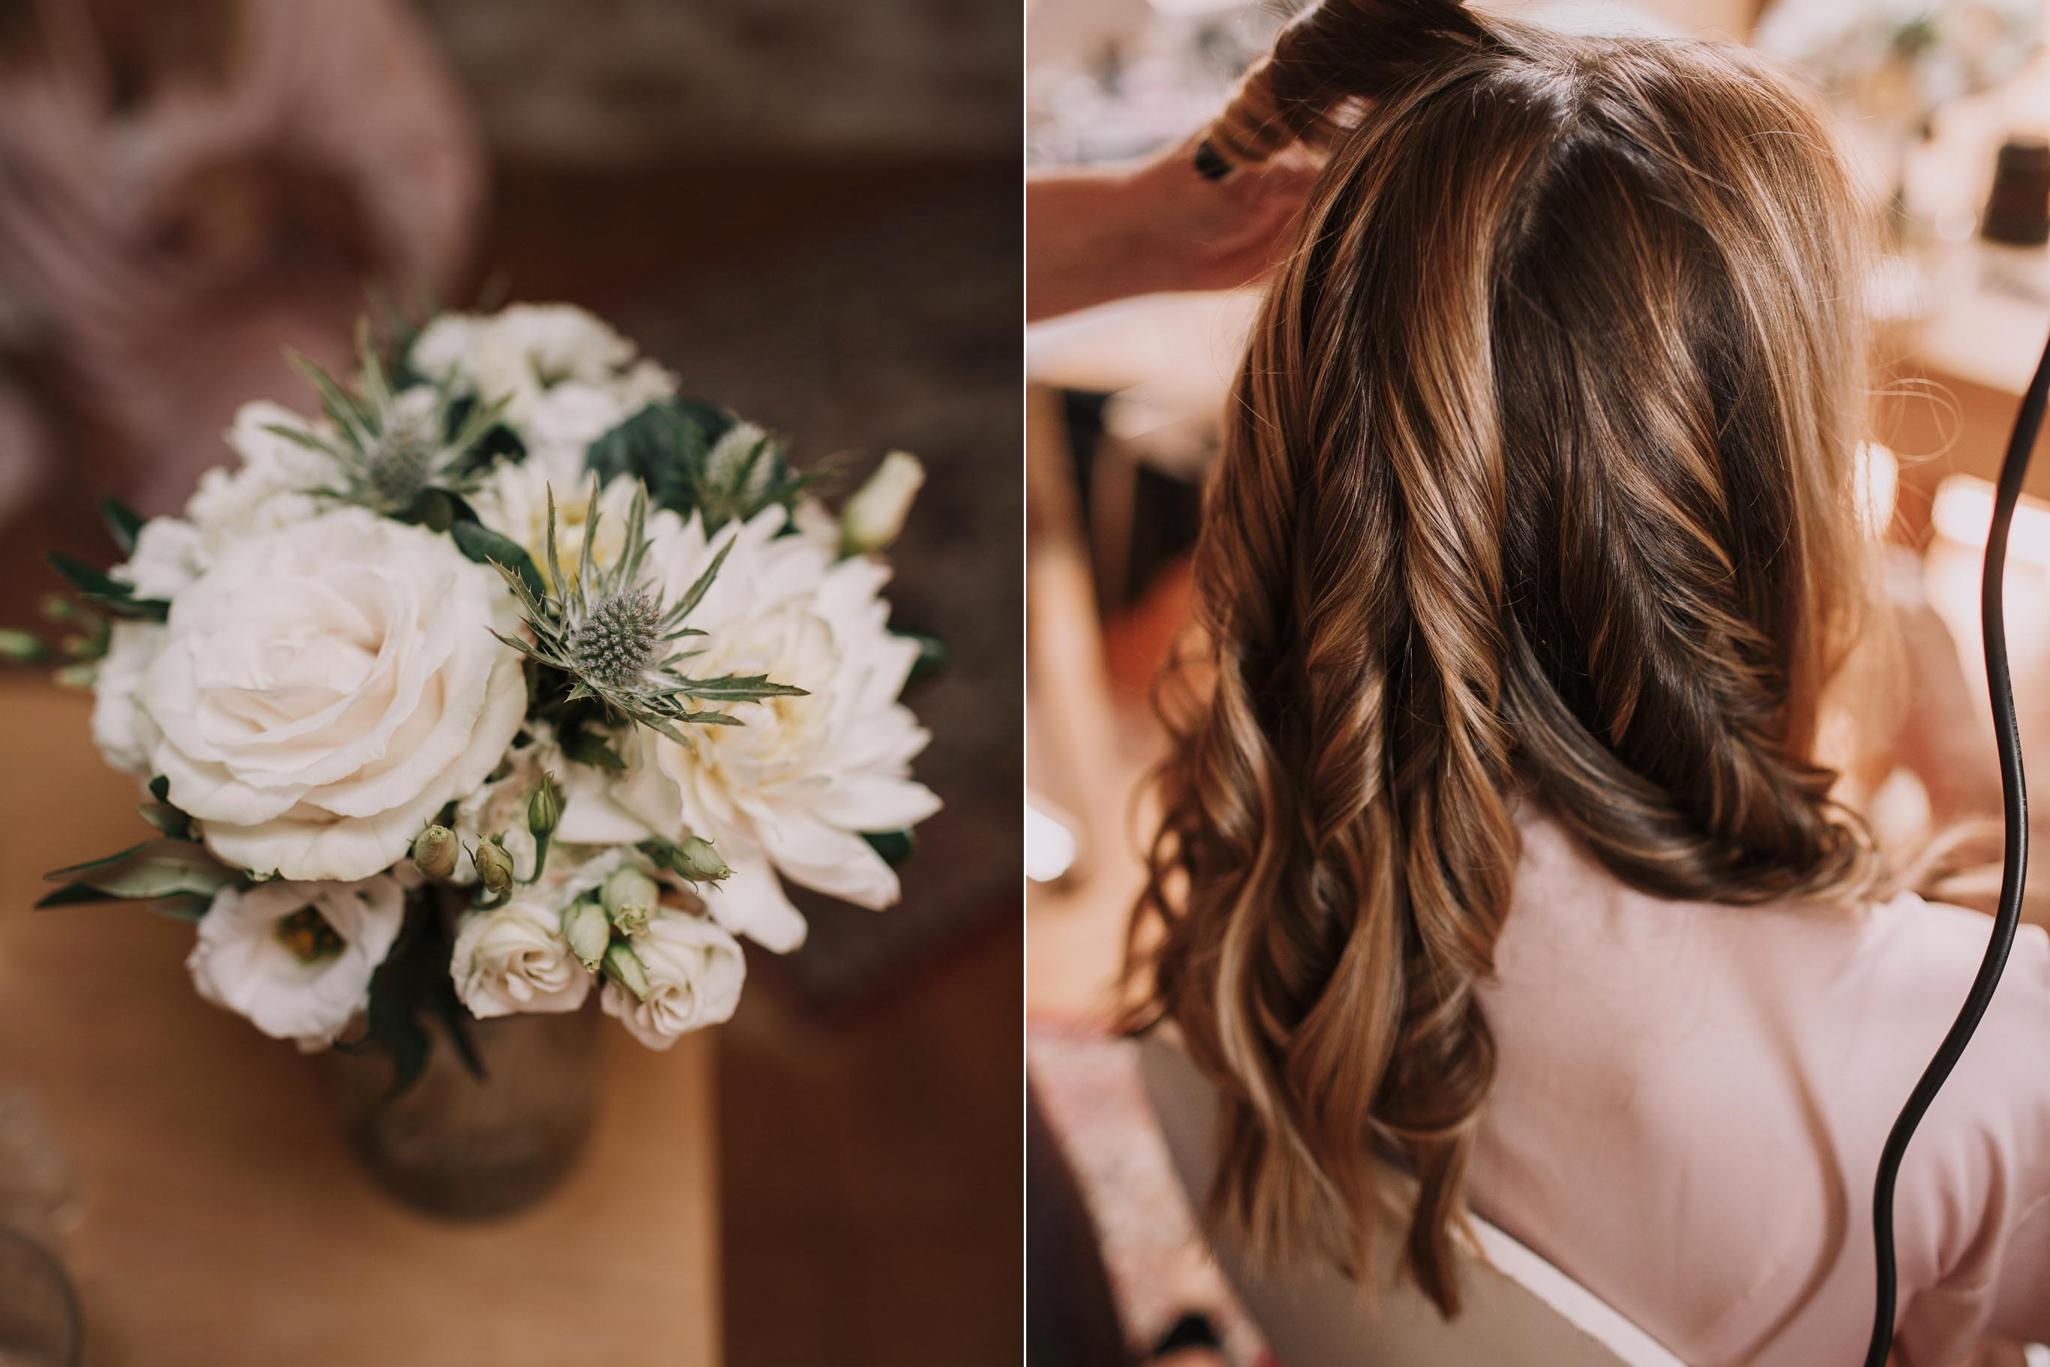 Photographe-mariage-bordeaux-jeremy-boyer-pays-basque-ihartze-artea-sare-robe-eleonore-pauc-couple-amour-9.jpg